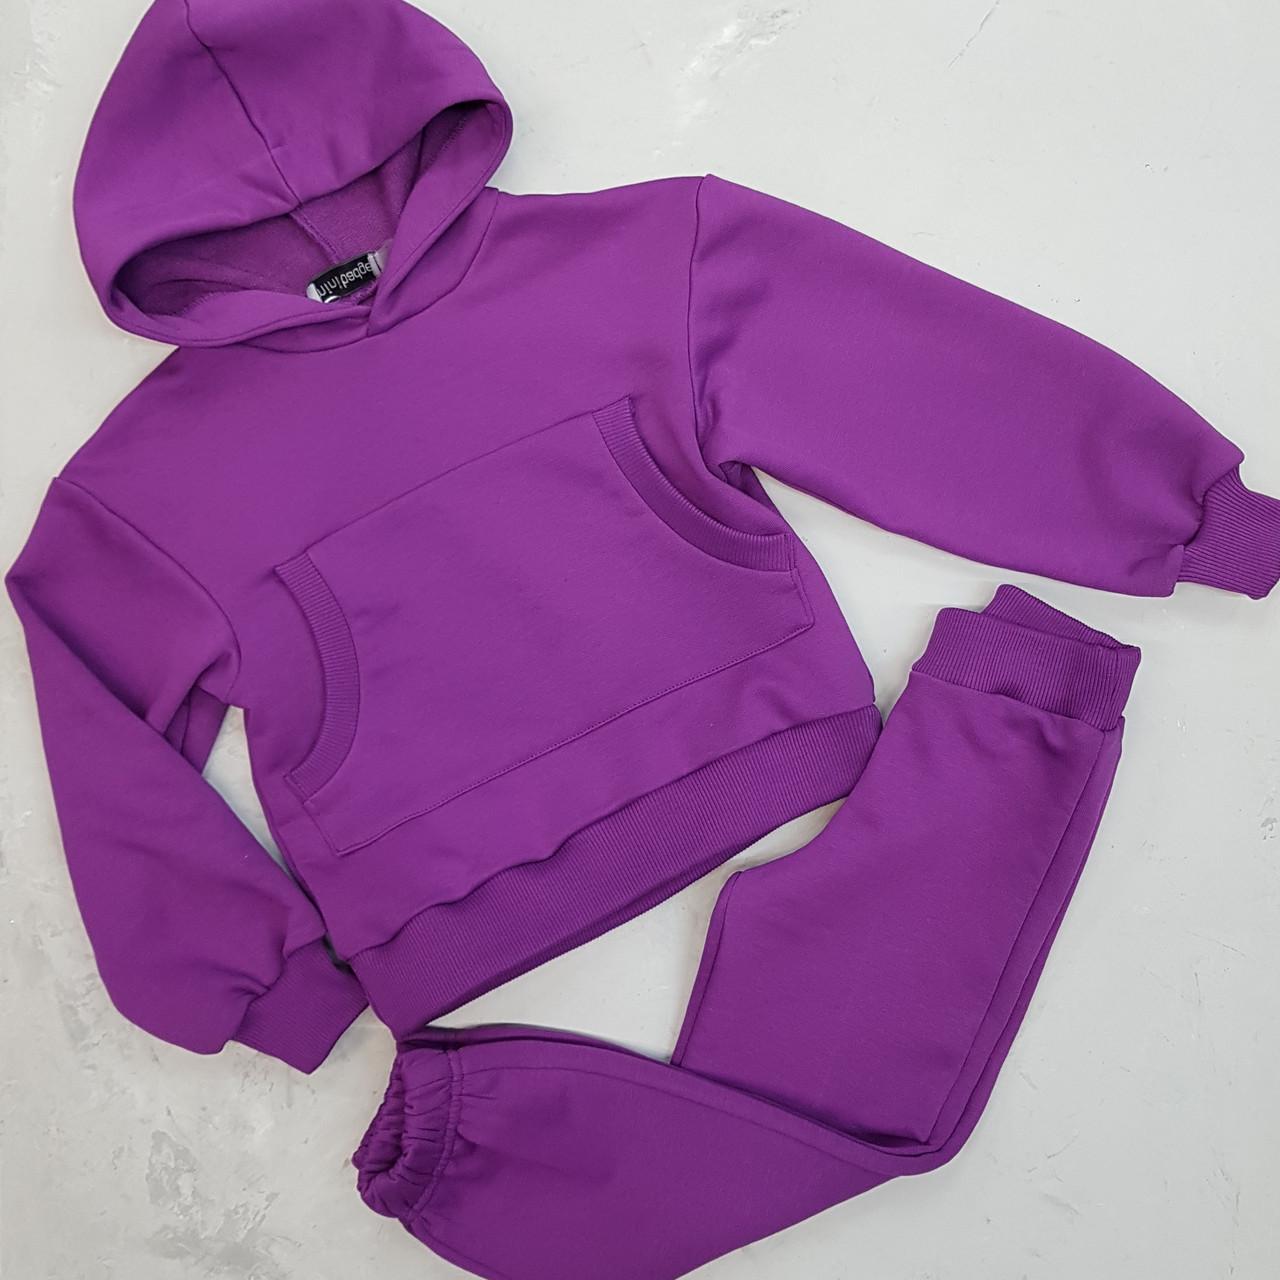 Спортивний костюм трьохнить кенгуру фіолетовий